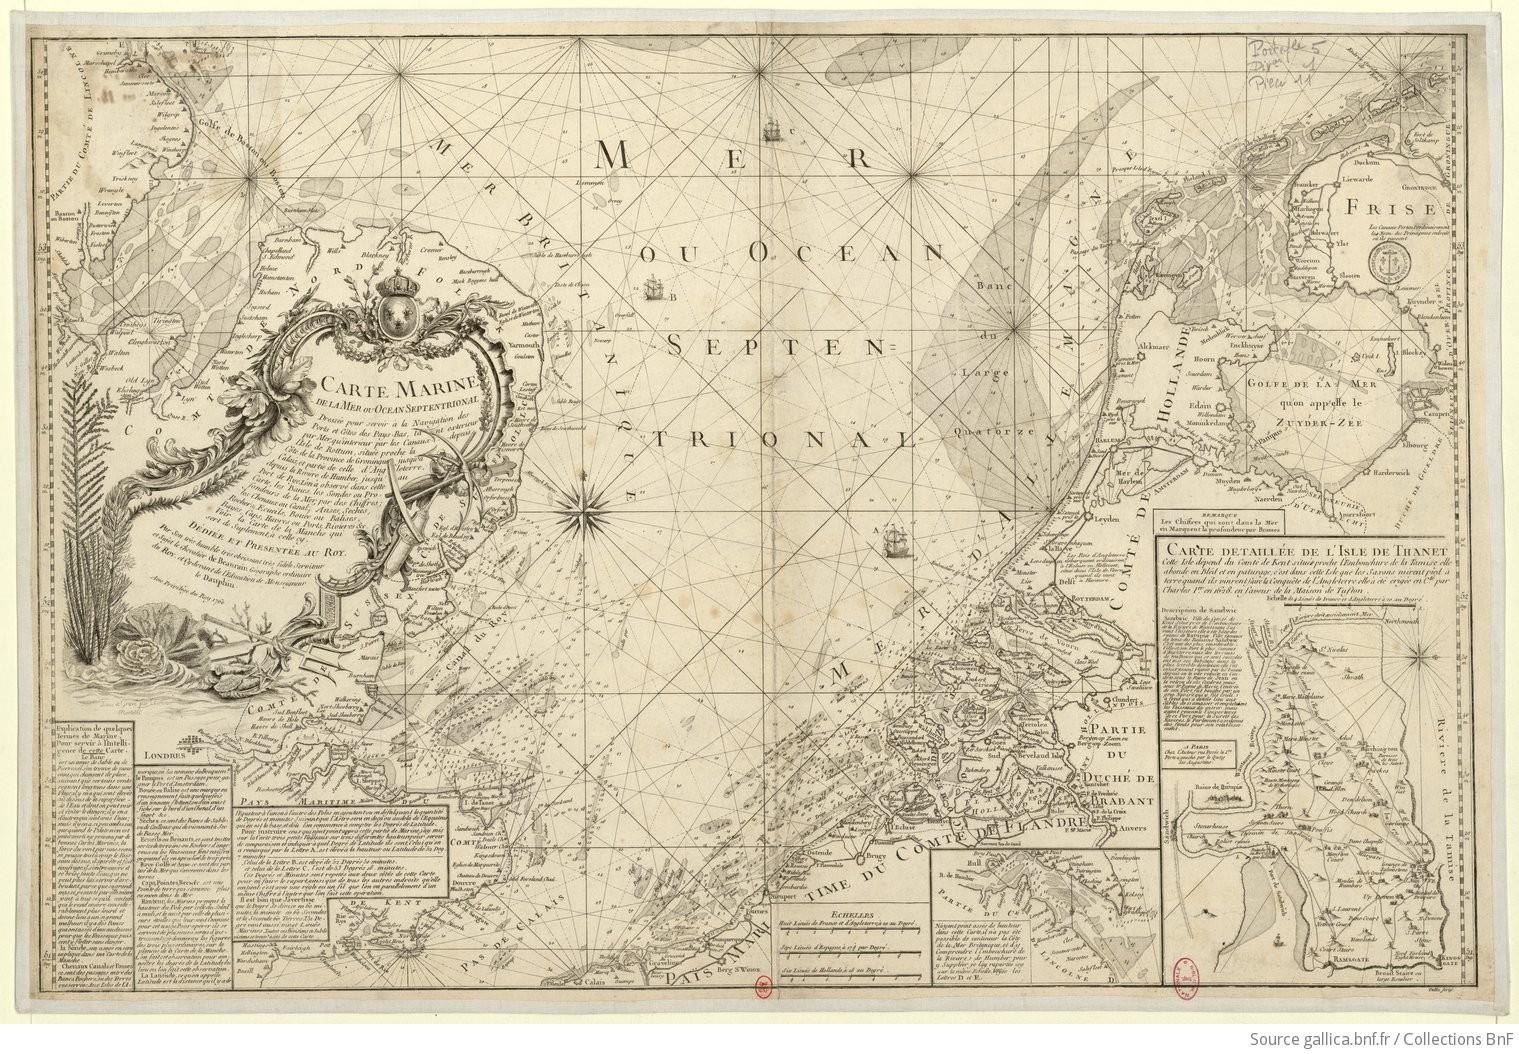 Carte Angleterre Pays Bas.Carte Marine De La Mer Ou Ocean Septentrional Dressee Pour